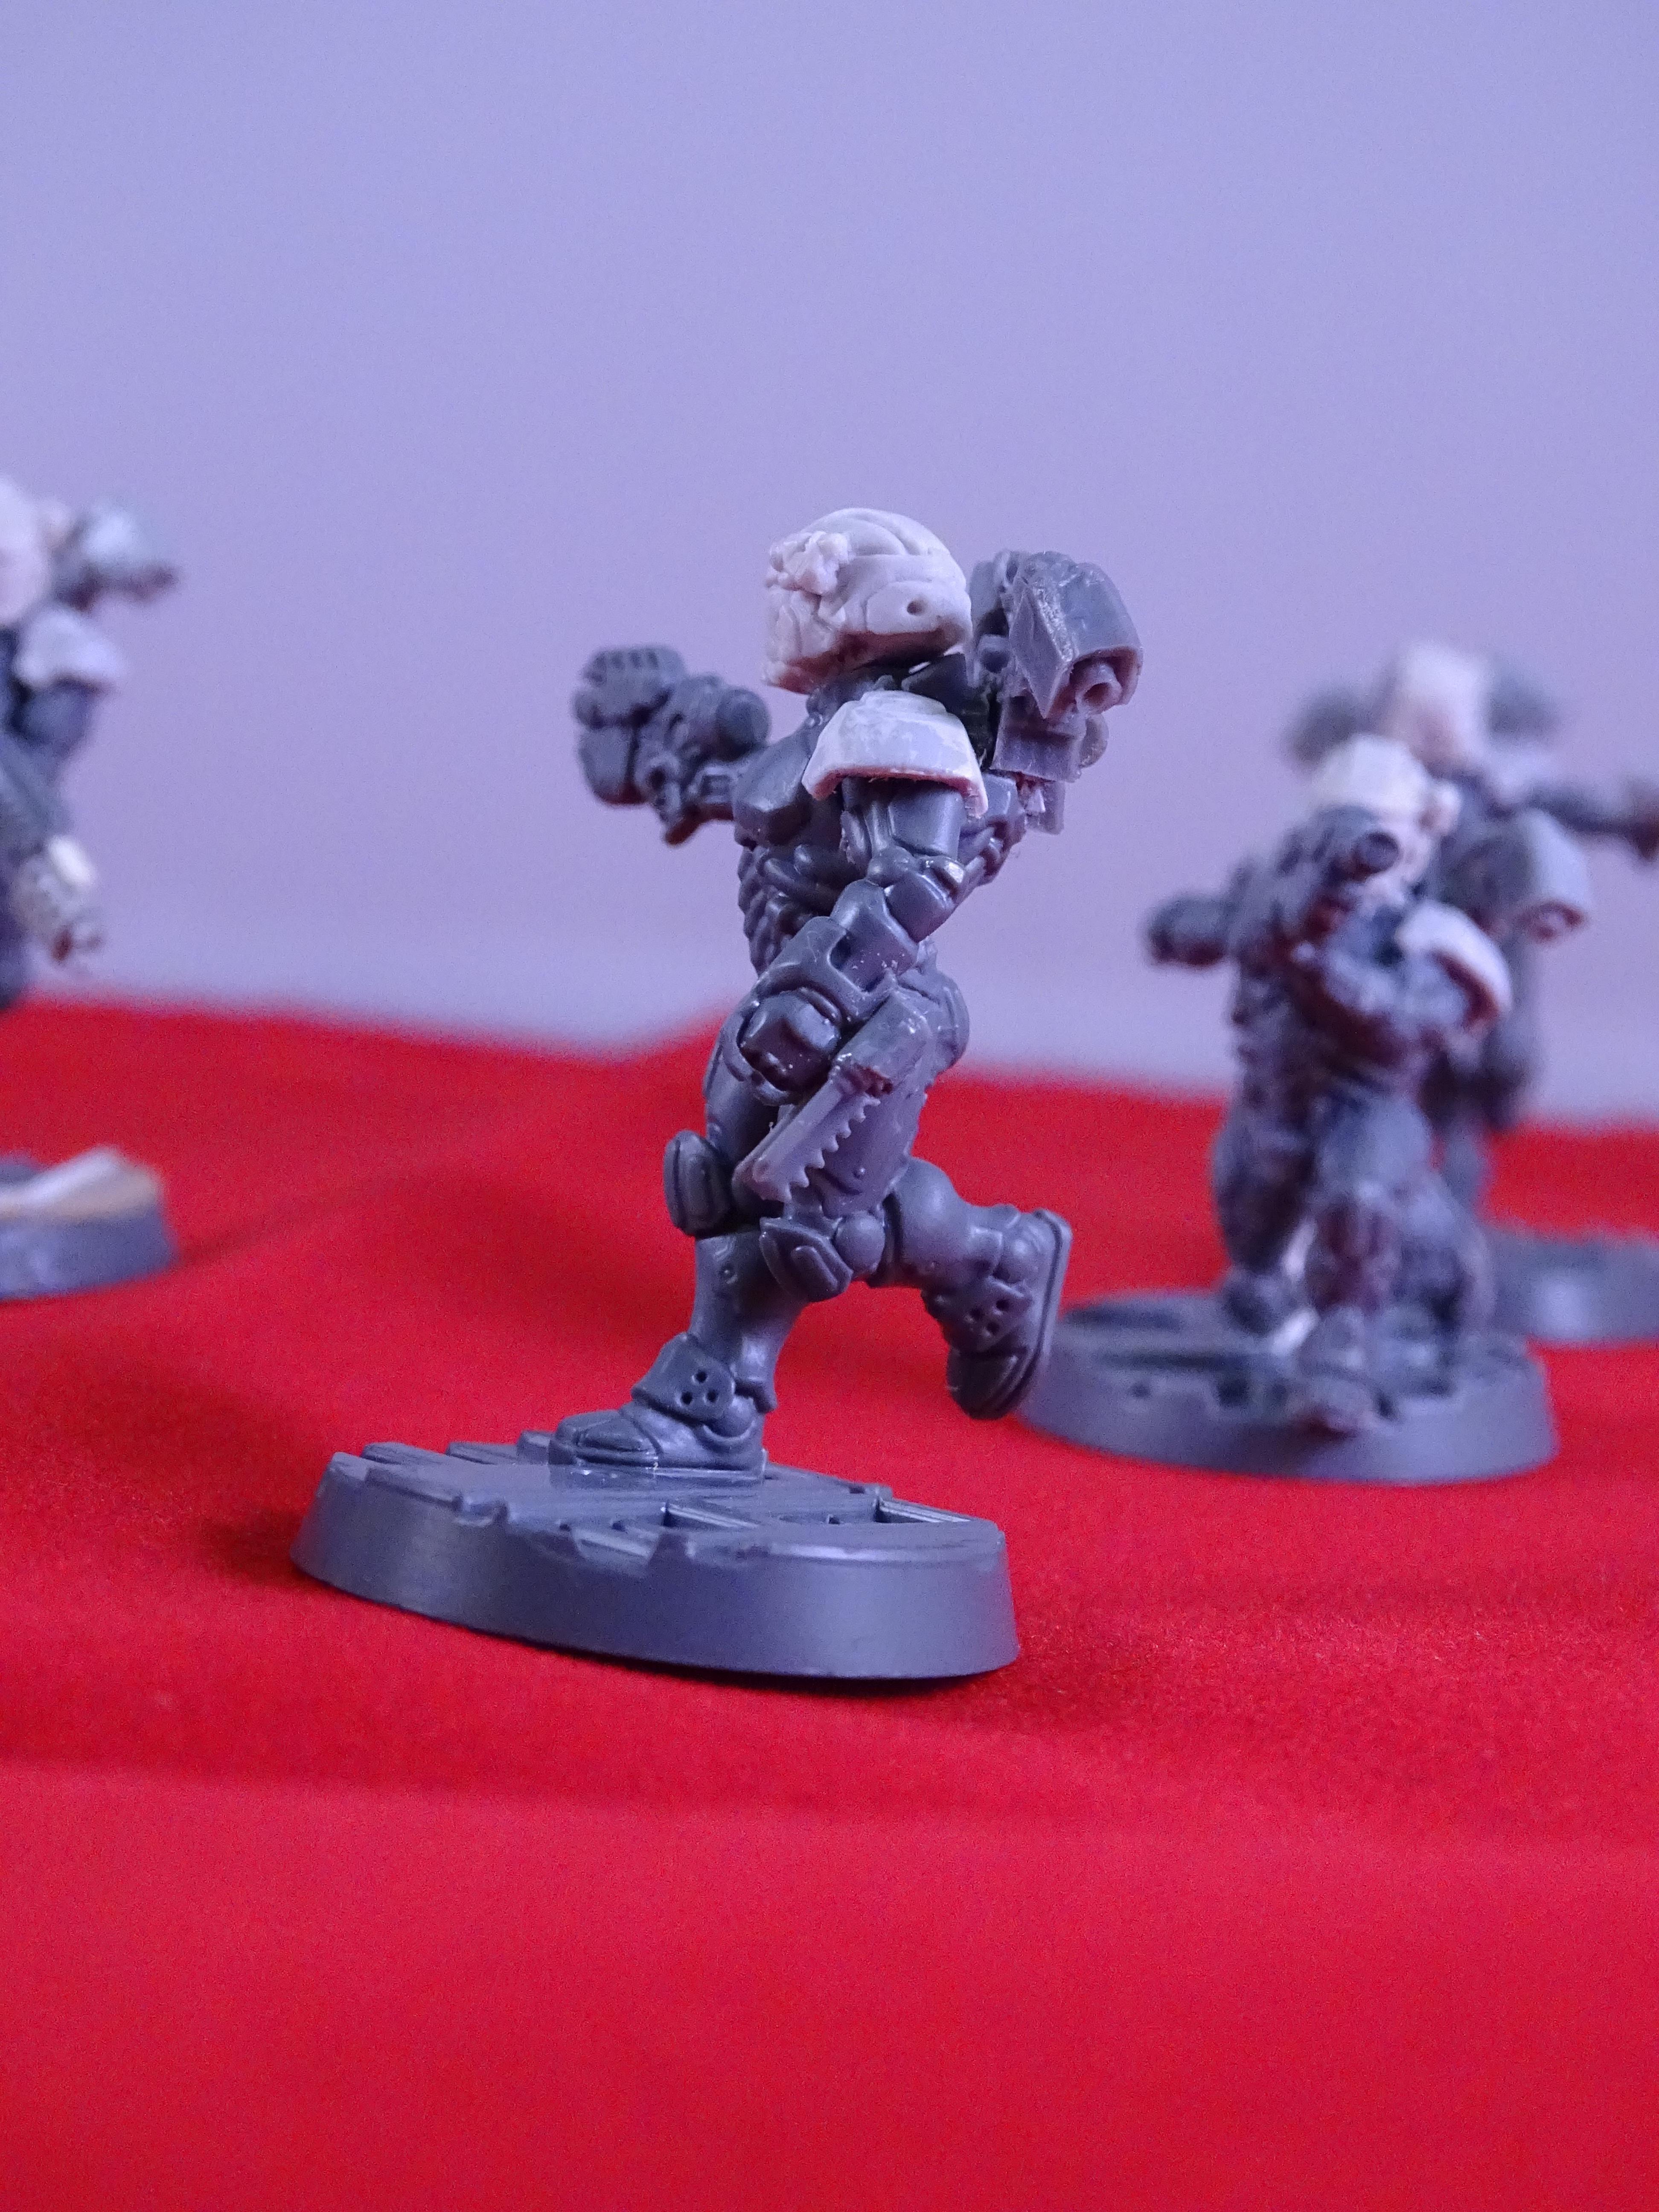 Converted Van Saar, Drop Troop, Drop Troops, Guard, Imperial Guard, Medic, Necromunda Astra Militarum Conversions, Odst, Puppetswar, Voidborne